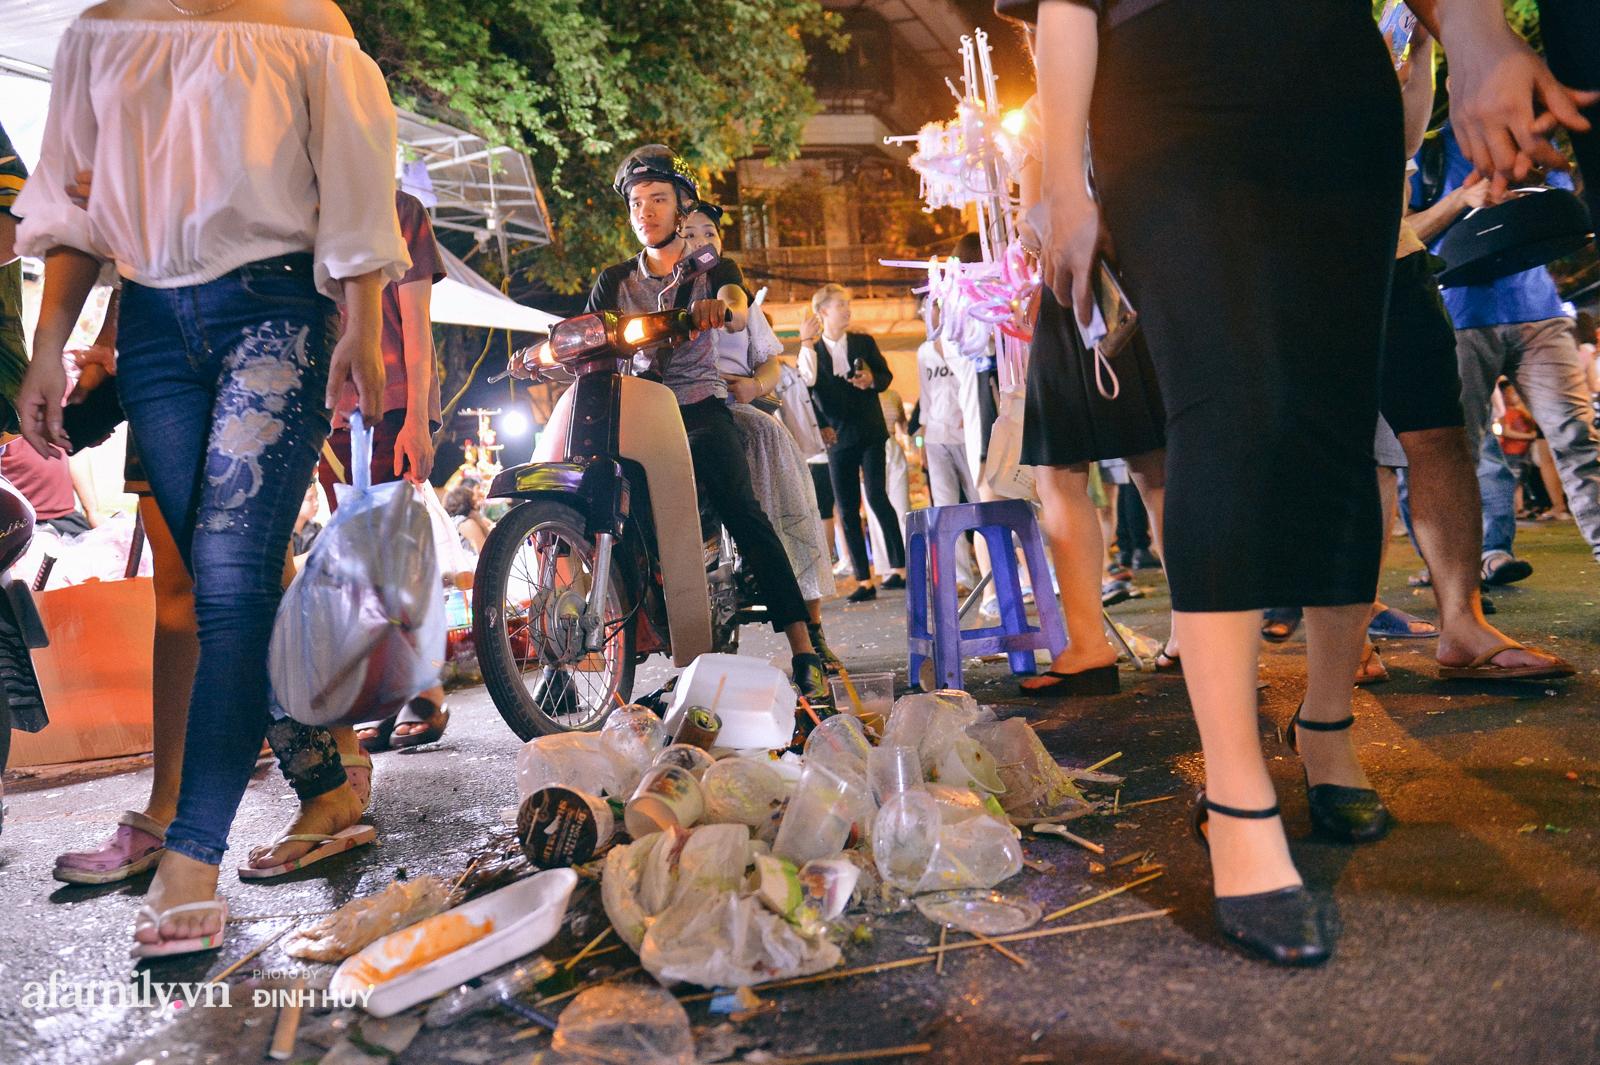 Đêm Trung thu chìm trong rác thải của cô công nhân vệ sinh trên phố cổ - Ảnh 1.